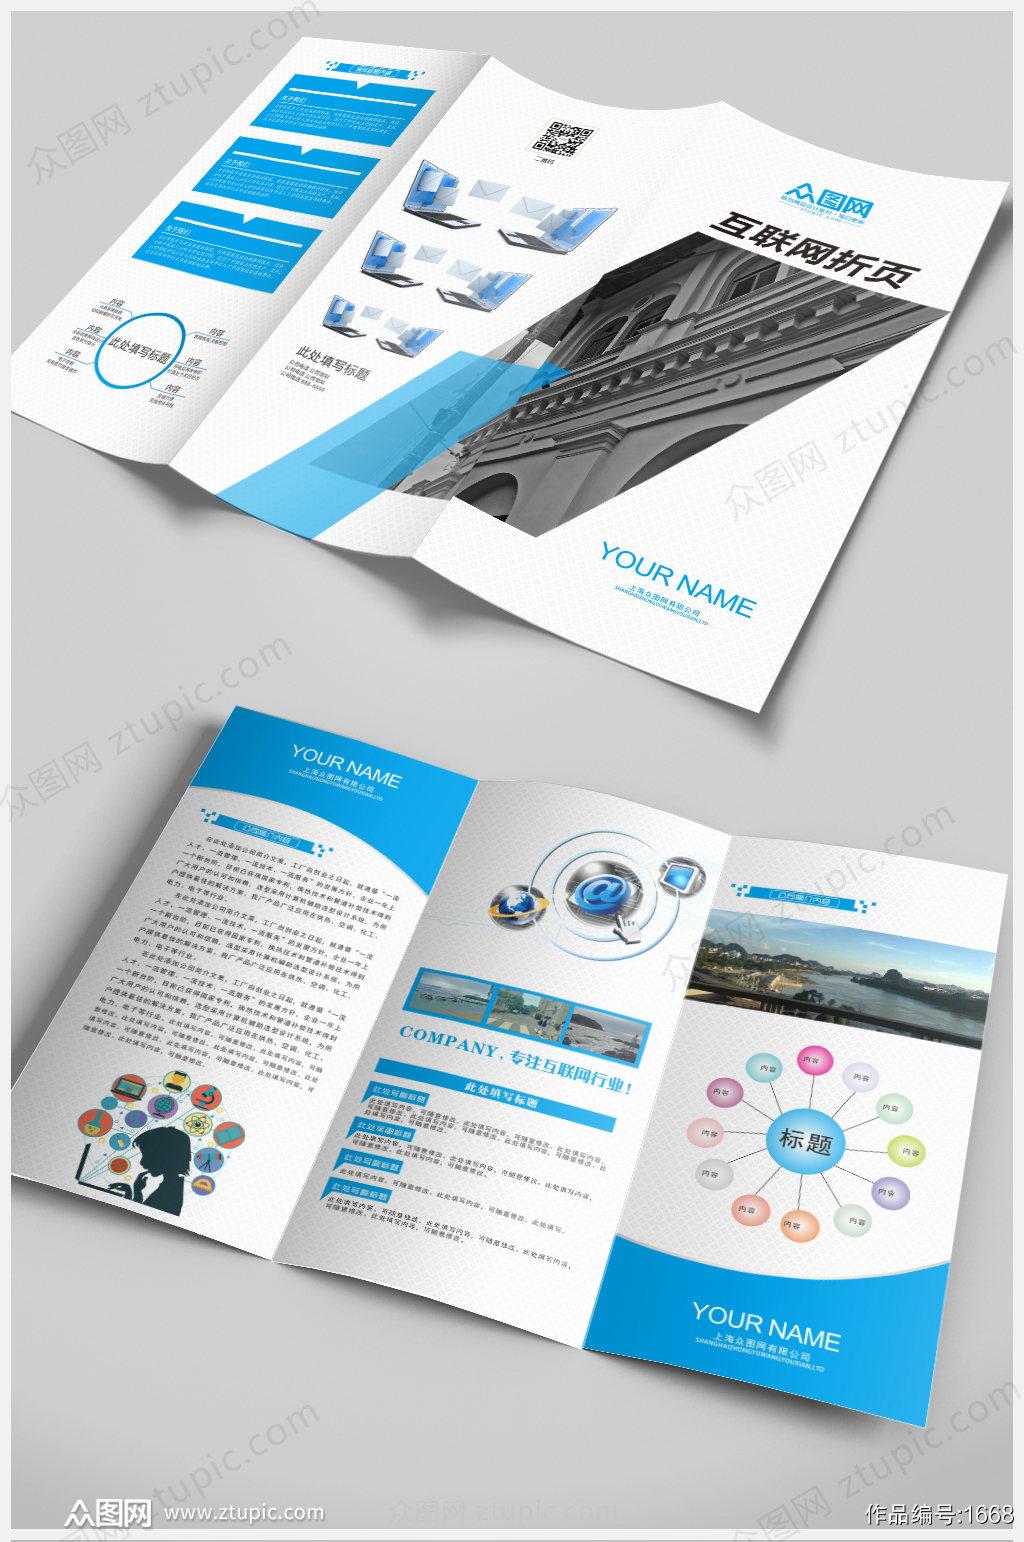 蓝色互联网企业宣传三折页素材